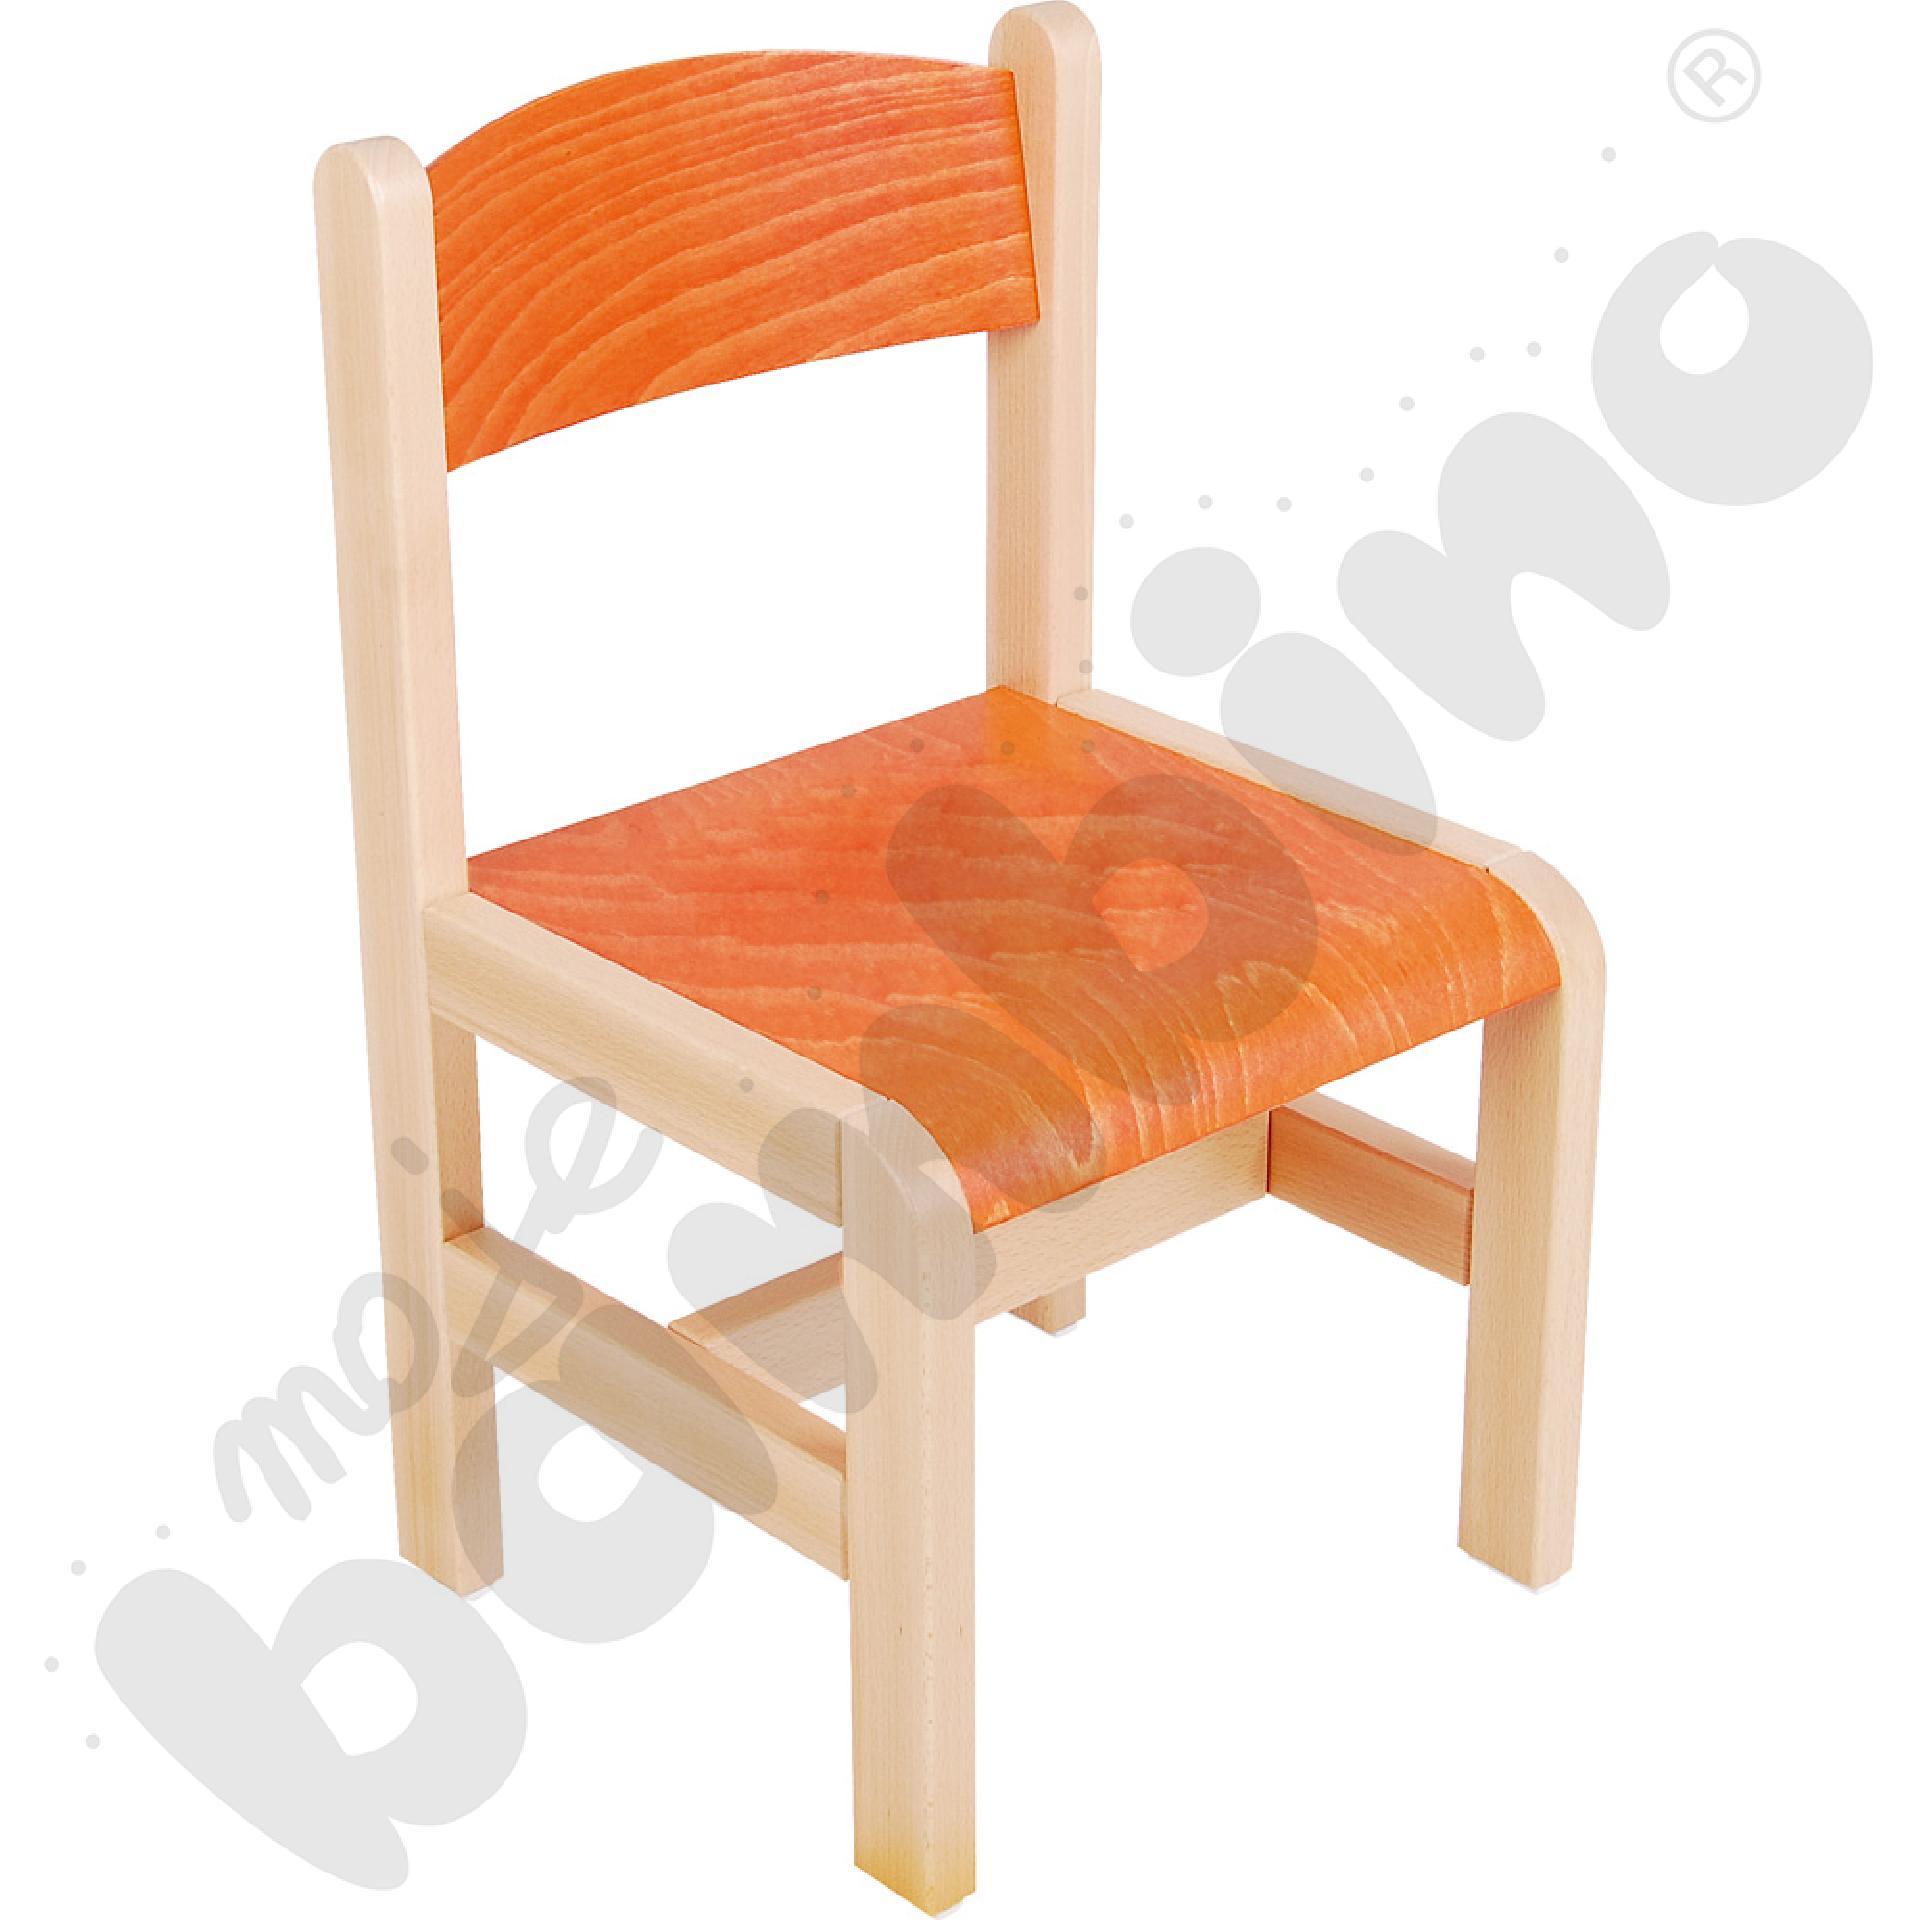 Krzesło drewniane pomarańczowe ze stopką filcową rozm. 1